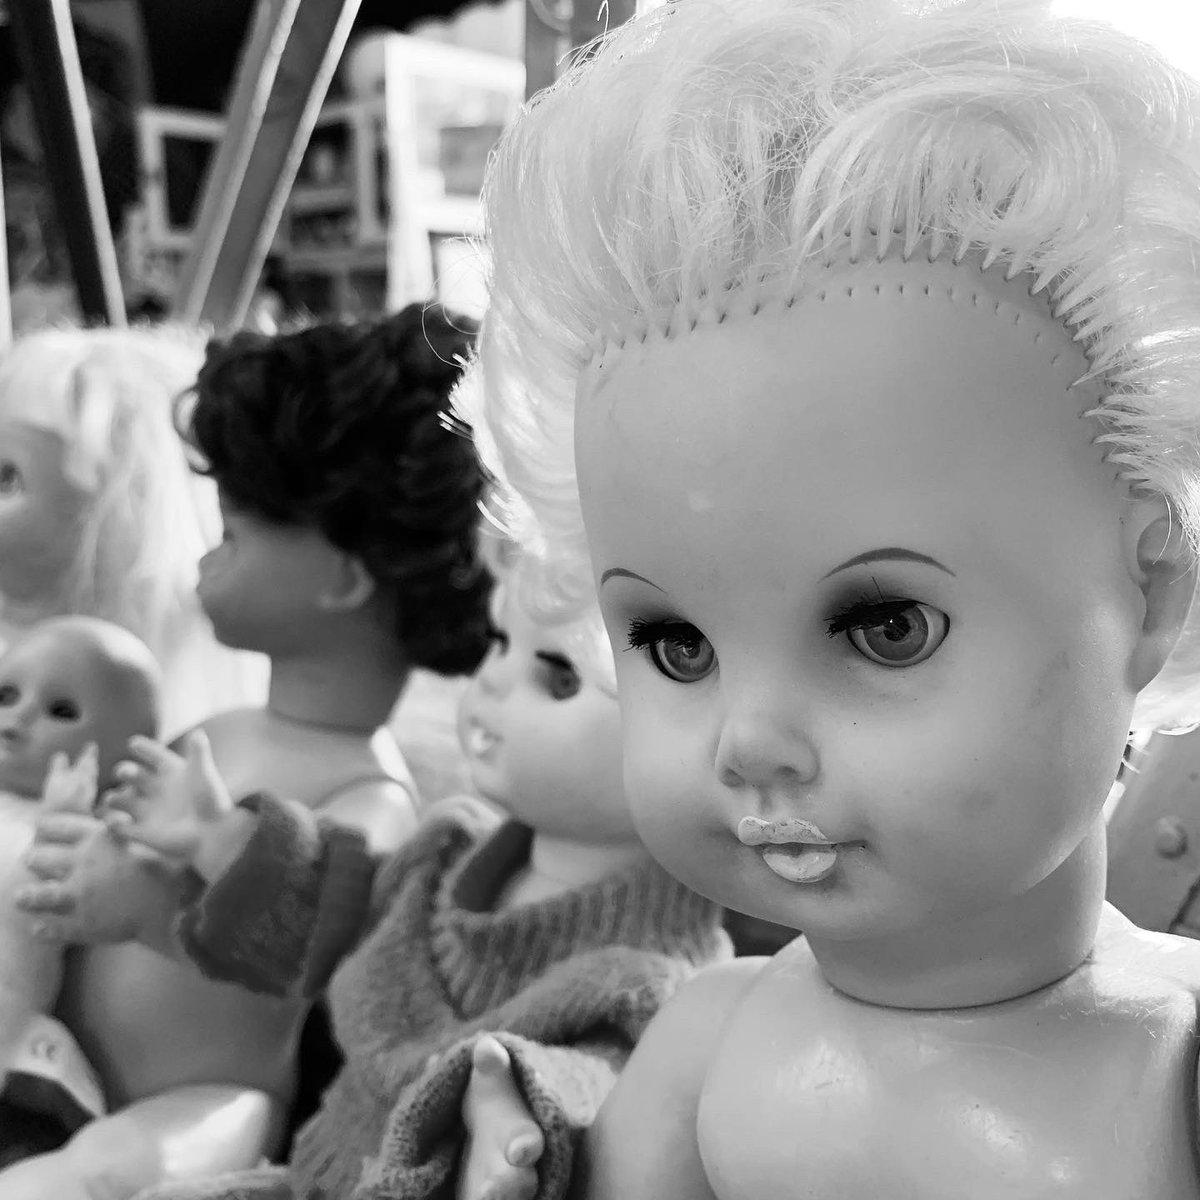 ベルリンからの荷をご紹介〜🇩🇪ドールズたーくさん🙂❣️🙃詳細はお気軽にお問い合わせください。通販も承ります◉#diegokobe #diego #ディエゴ #diegowarehouse  #兵庫 #神戸 #東灘 #doll #toy #人形 #baby